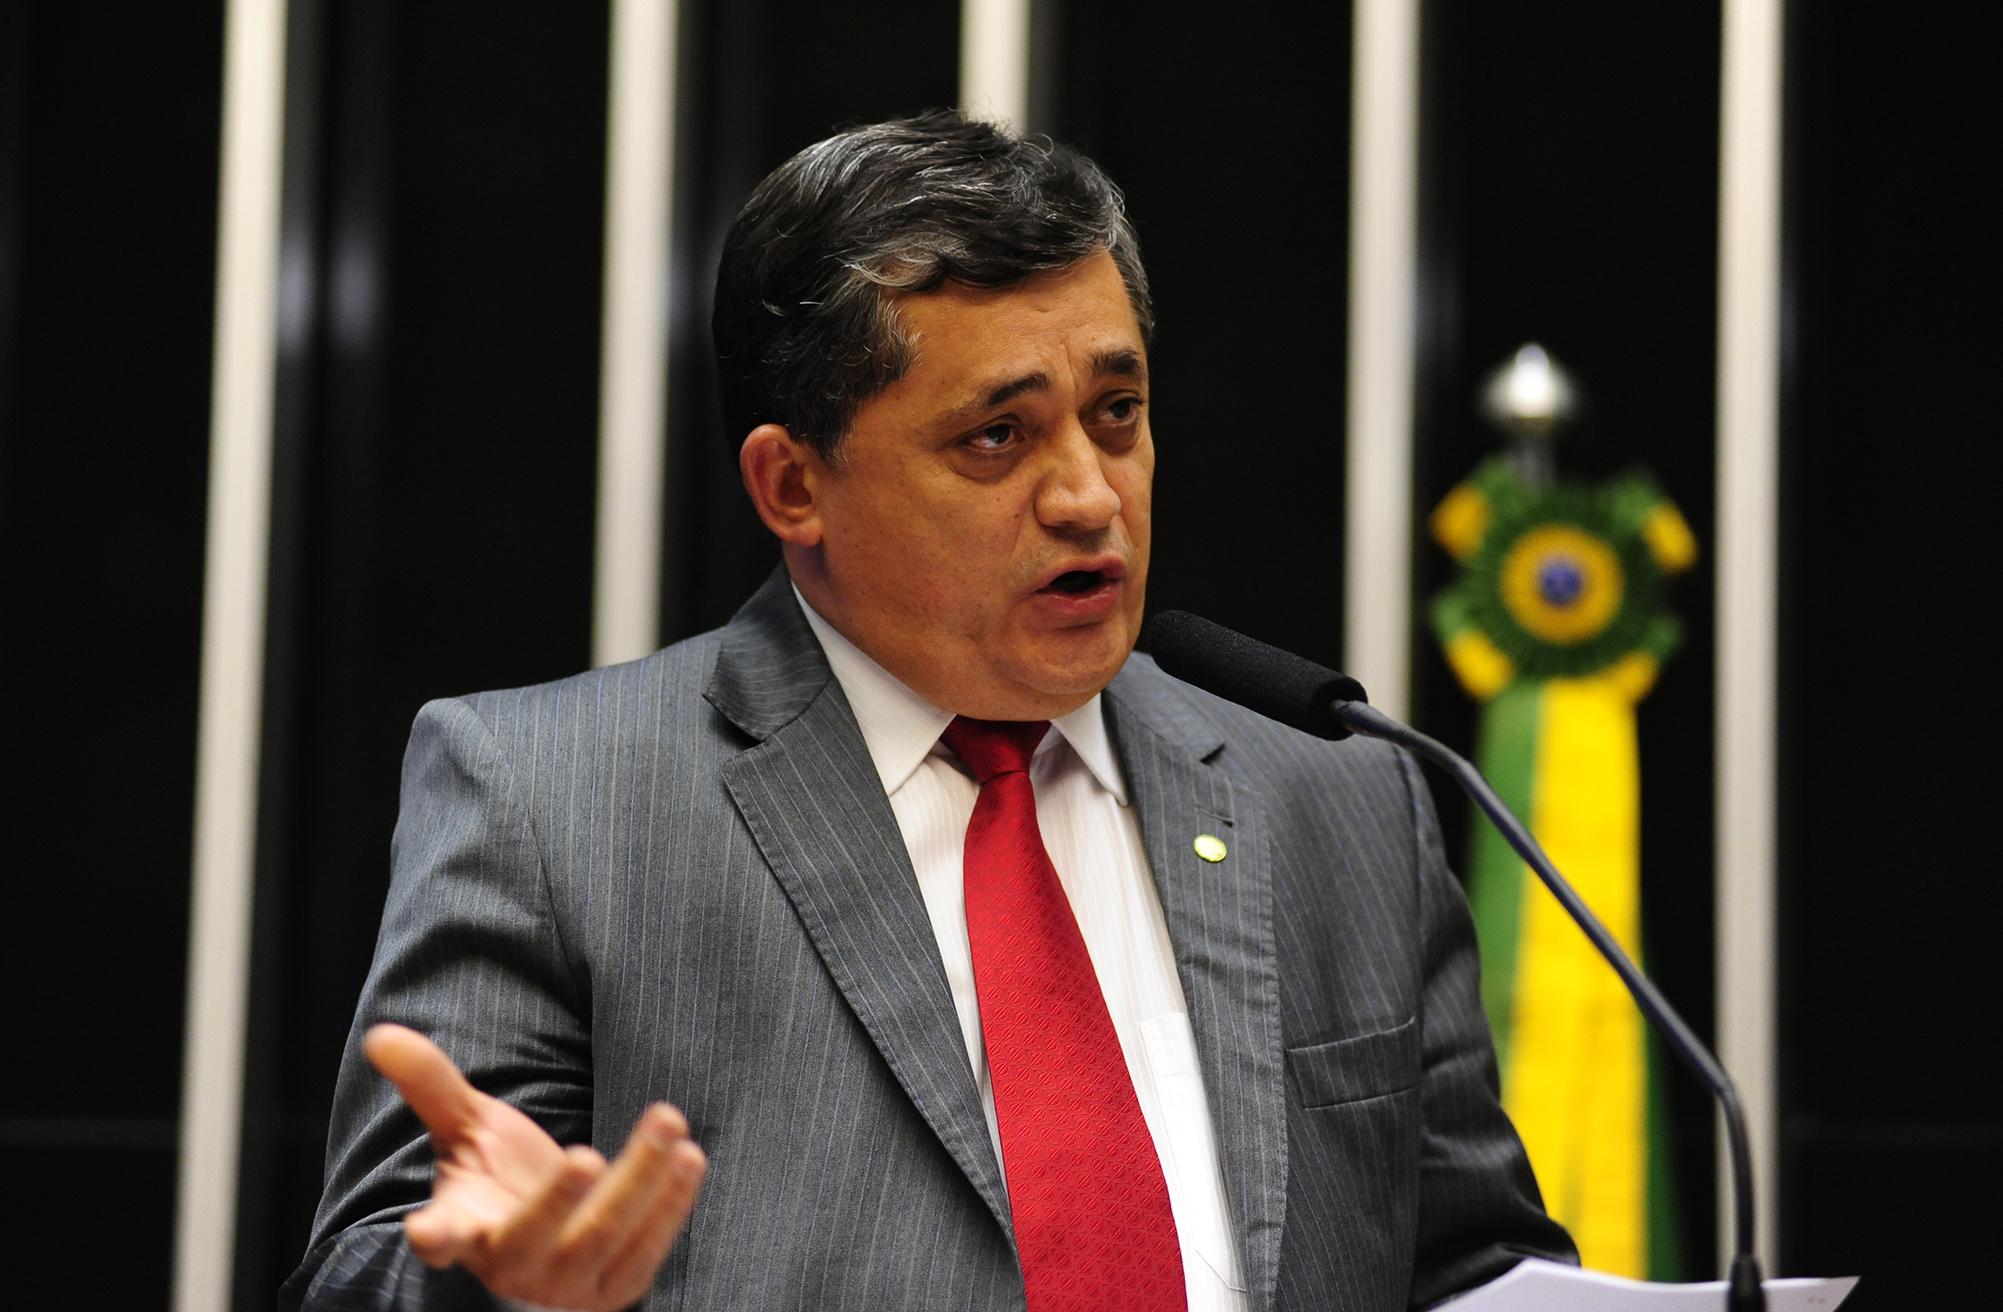 José Guimarães é denunciado por lavagem de dinheiro ao STF